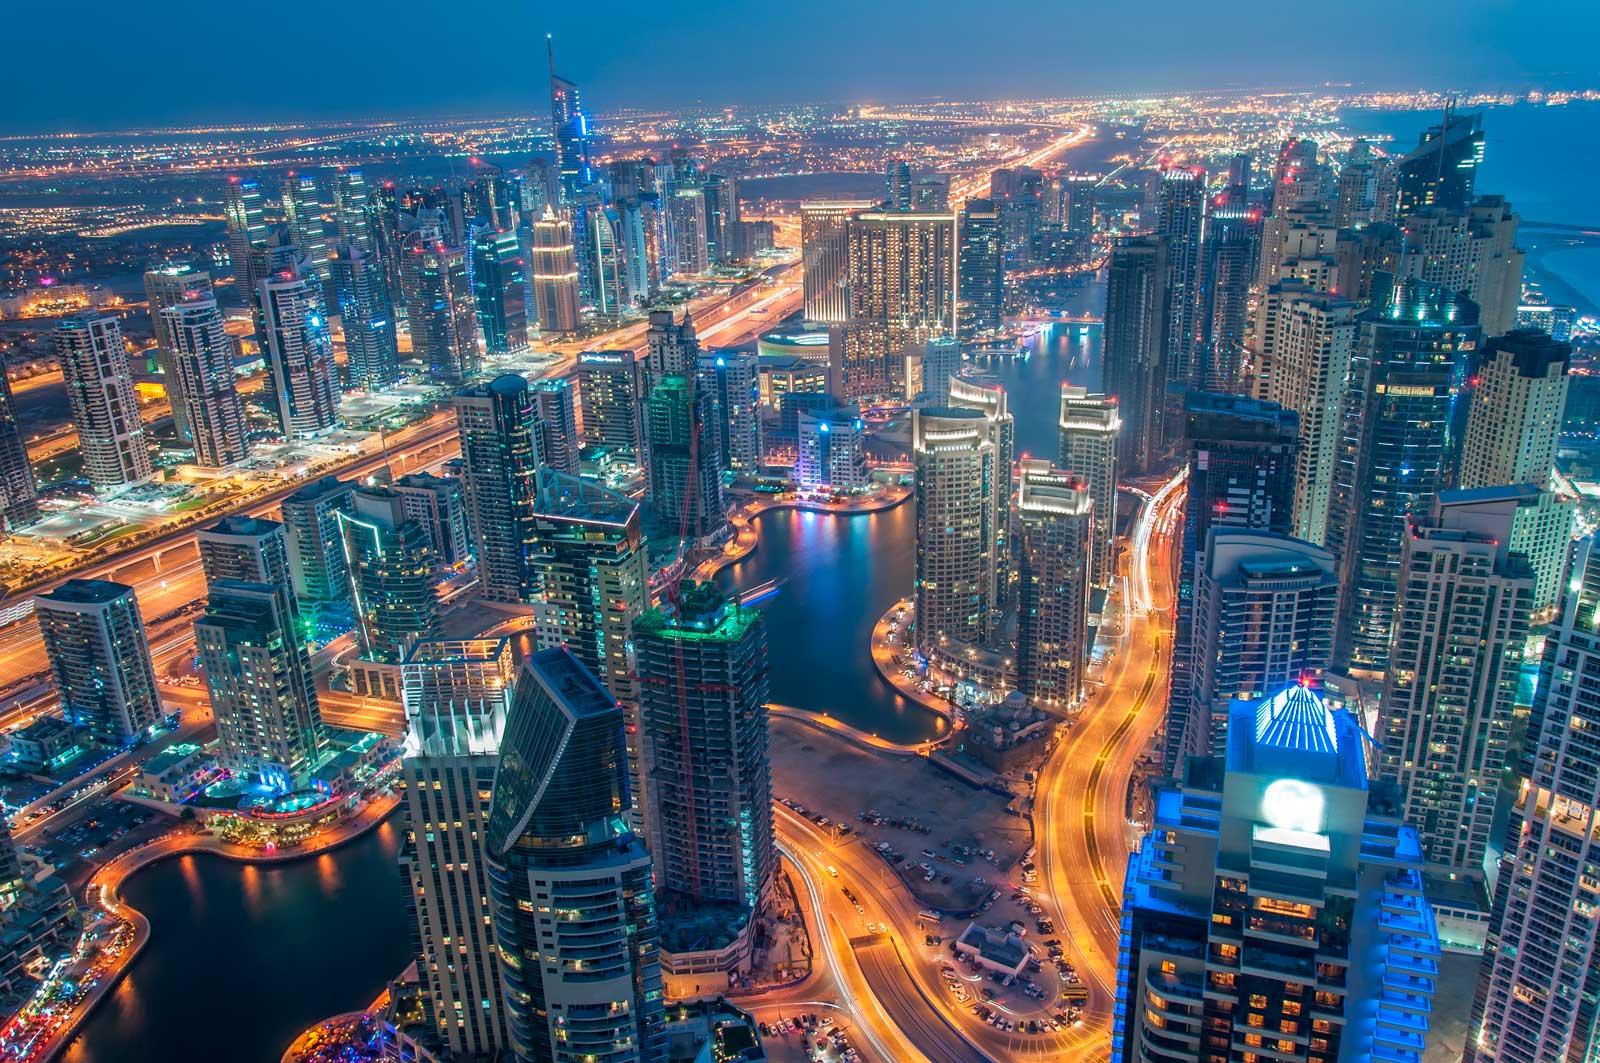 Dubai continúa con su expansión blockchain y lanzará un cripto valle en una zona libre de impuestos